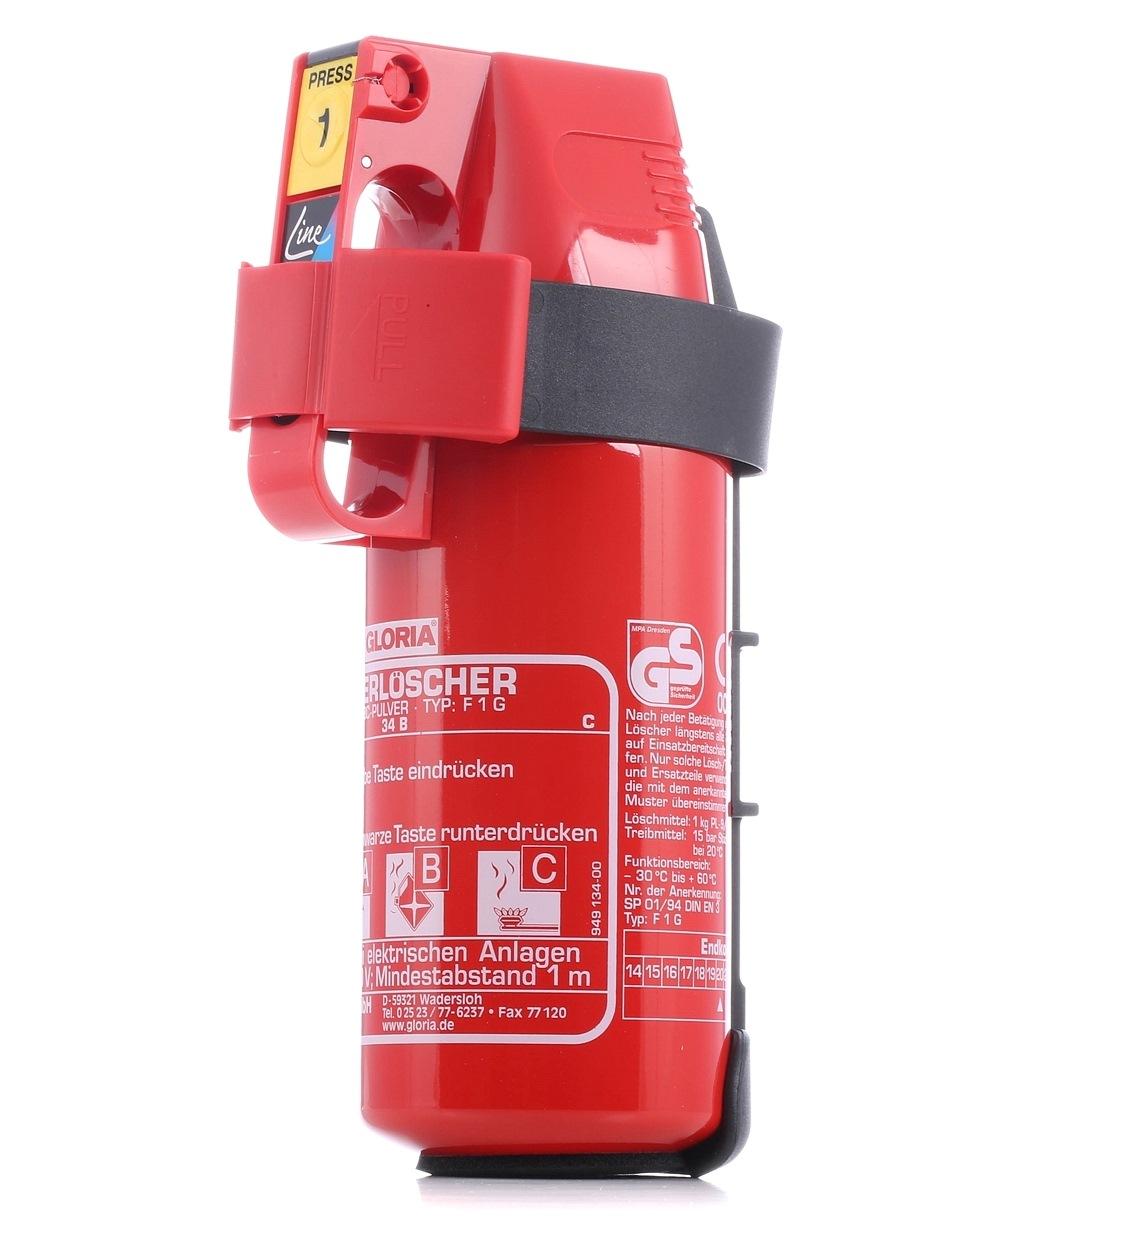 Feuerlöscher GLORIA 1403.0000 Bewertung